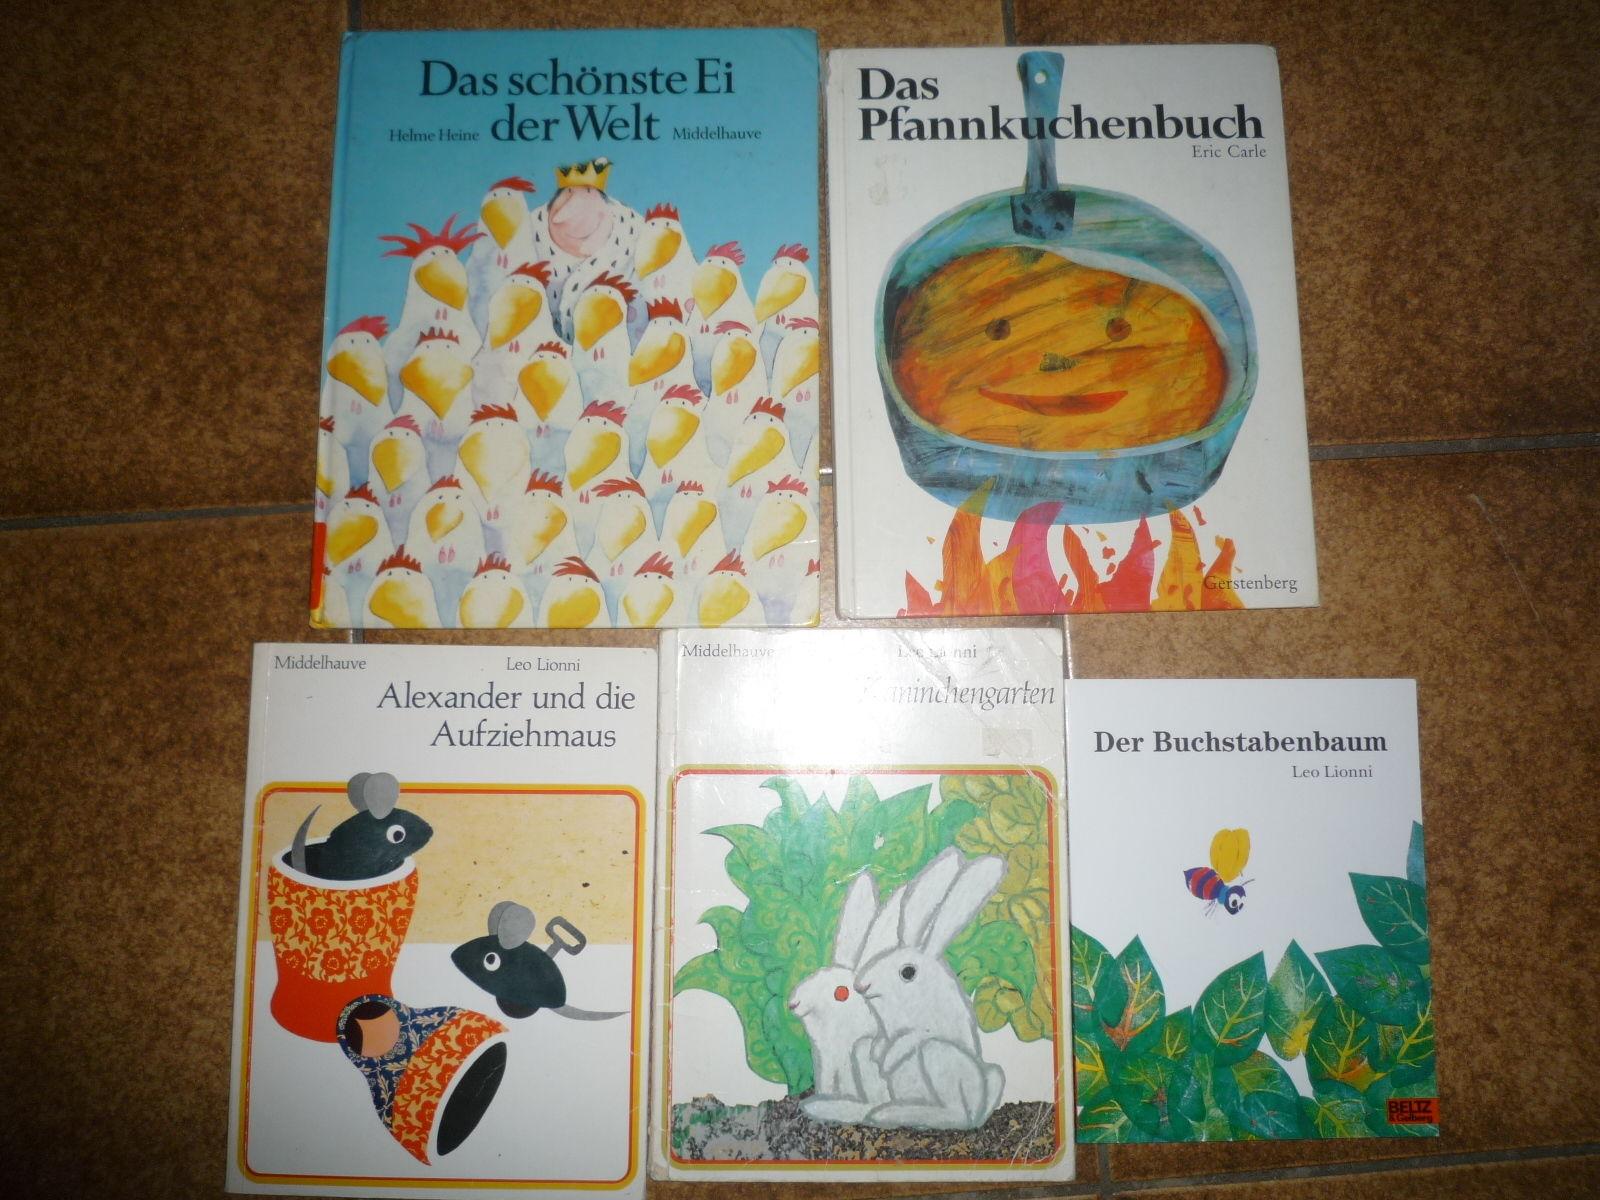 Bilderbücher Leo Lionni & Eric Carle & Helme Heine Kinderbücher Sammlung 5 St.